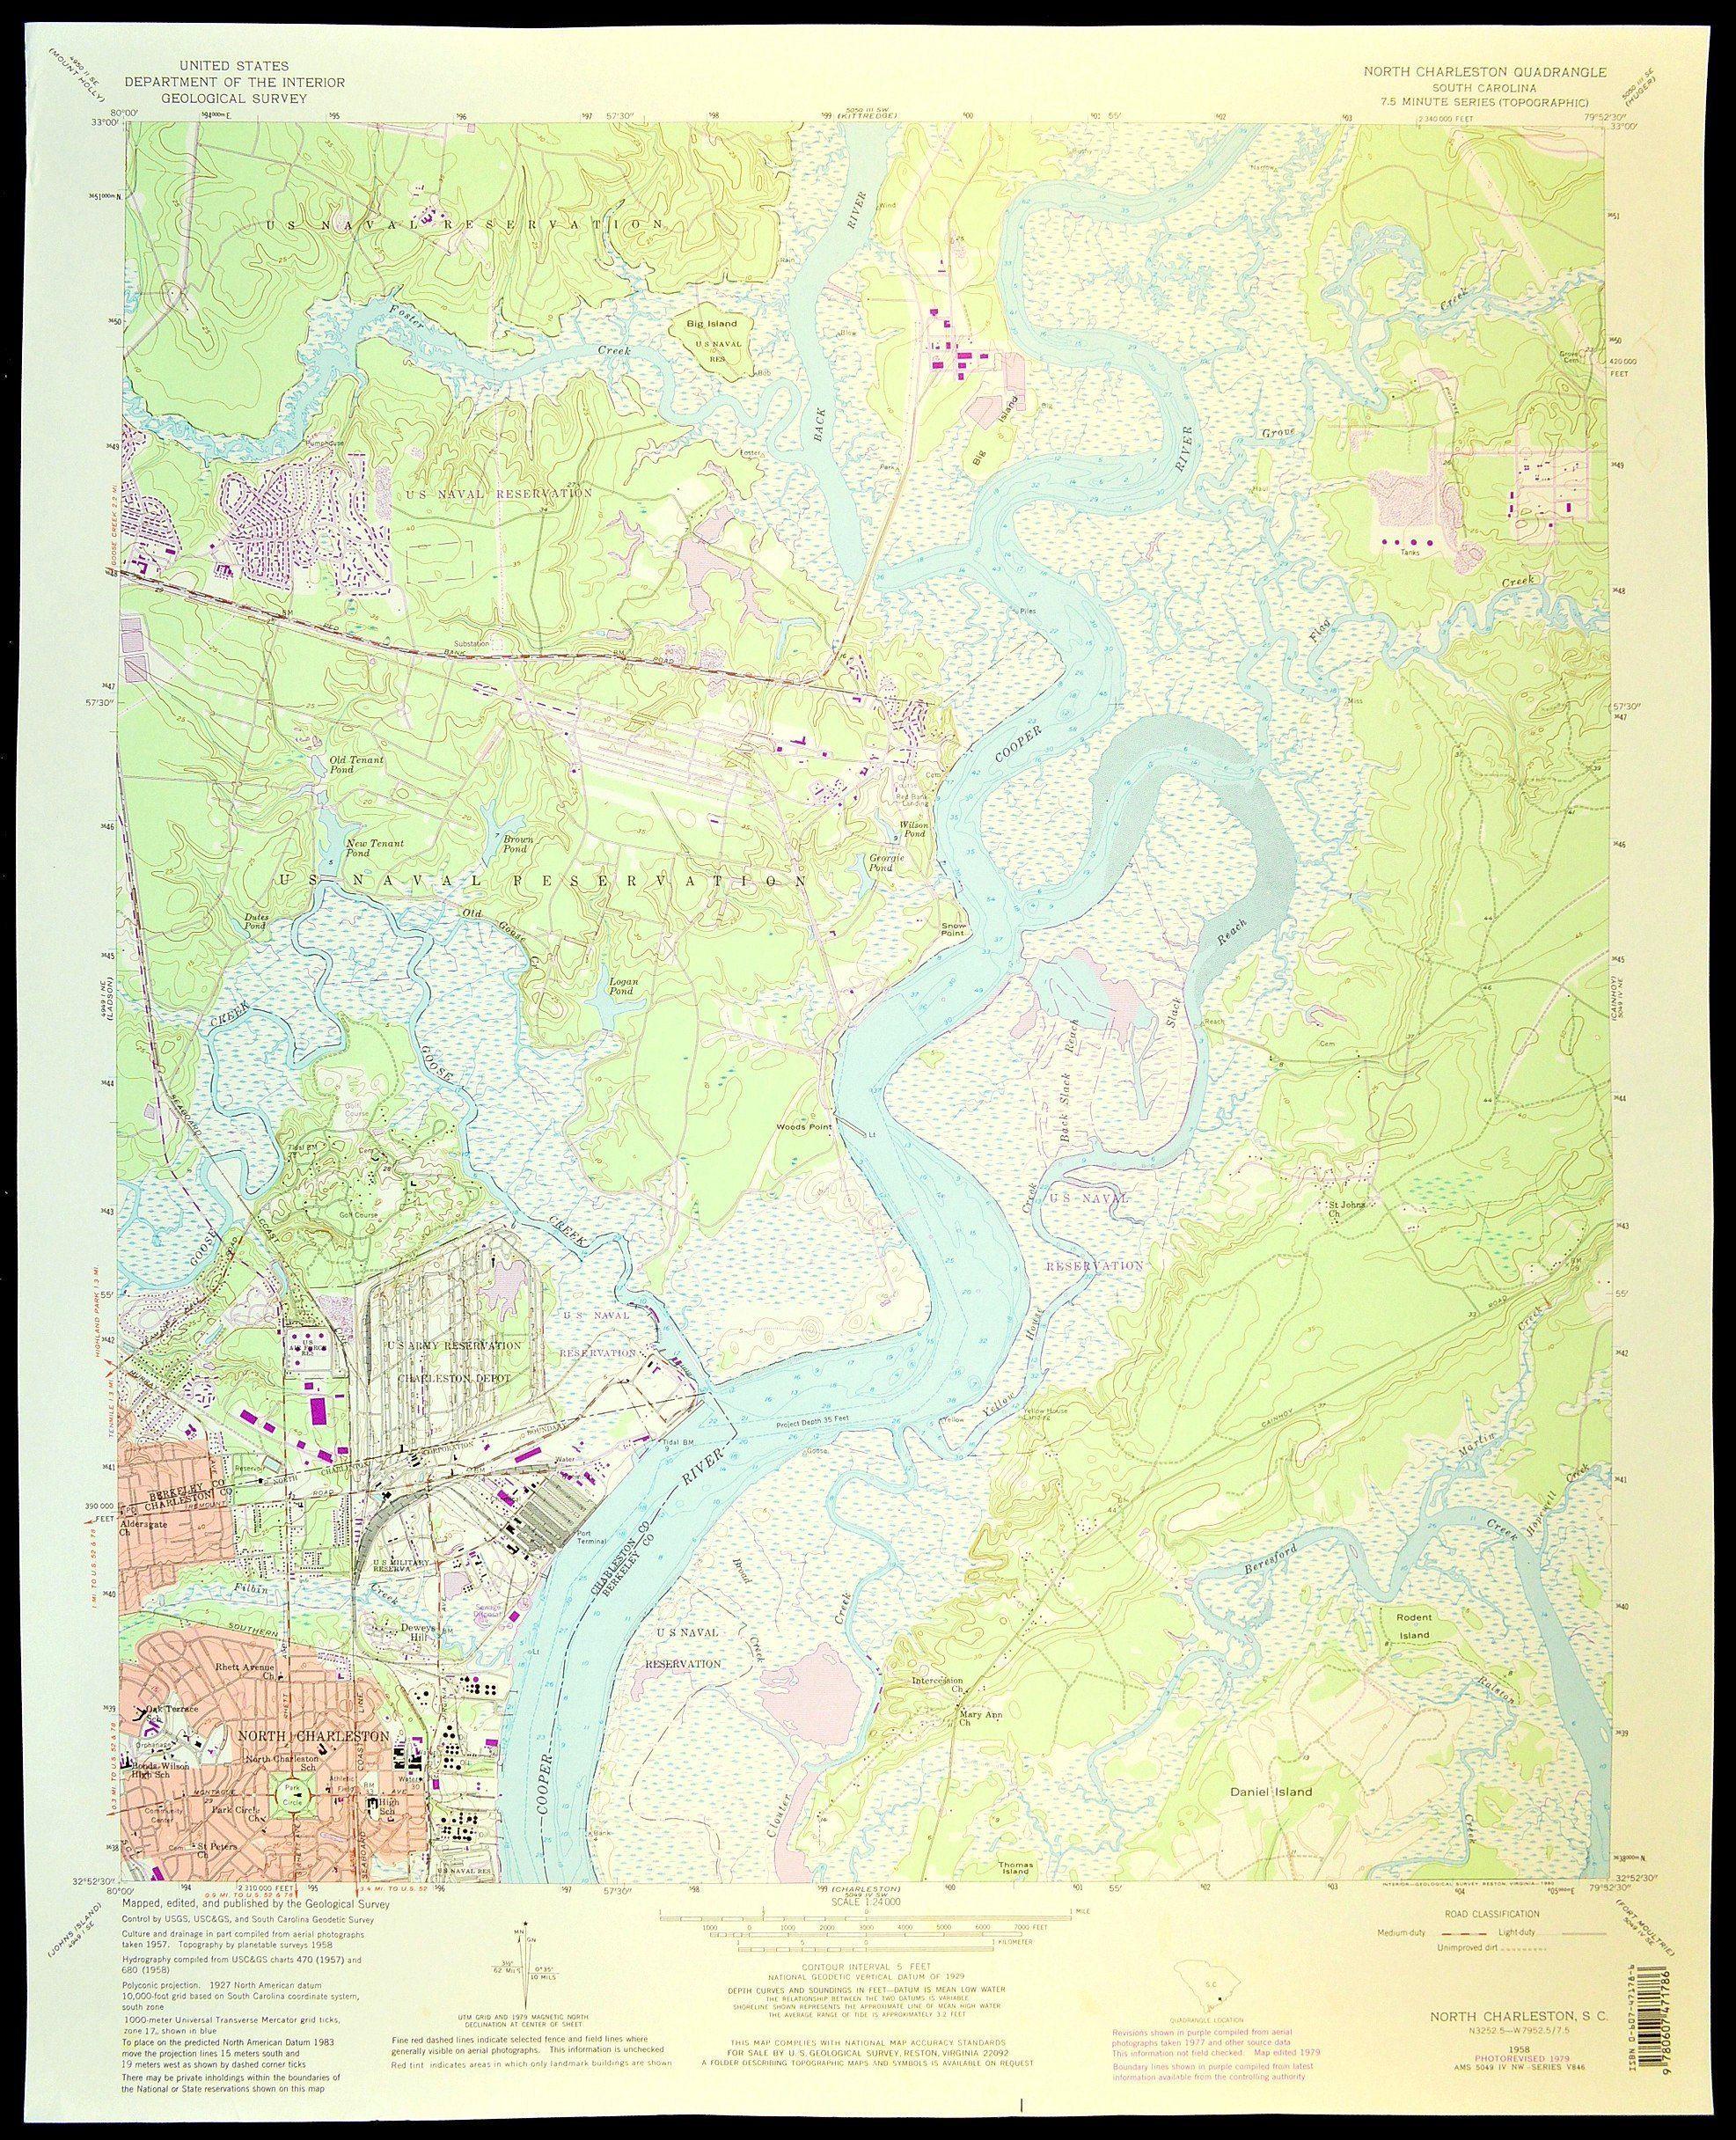 North Charleston Map Charleston Naval Base South Carolina ... on us map pa, earthquake of charleston, us map west virginia, us map son, us map ohio, us map in 1803, us map maine, us map tennessee, us map texas, us map new york, us map sc, us map florida,